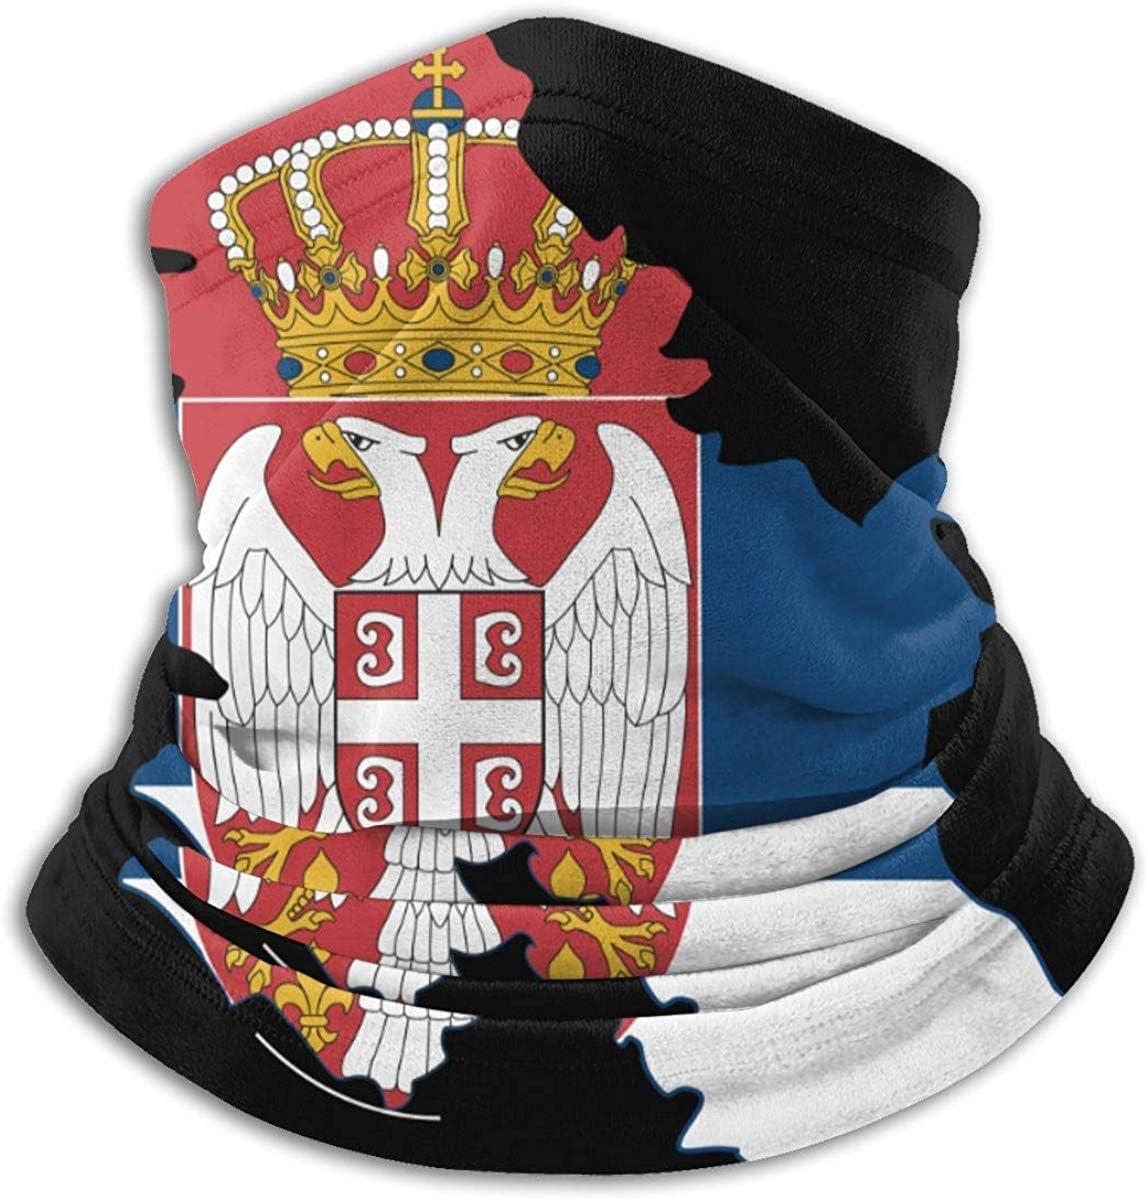 Wfispiy Carte de la Serbie Drapeau Cou Chaud Gaiter Balaclava Ski Masque dhiver Chapeaux Chapeaux pour Hommes Femmes Noir